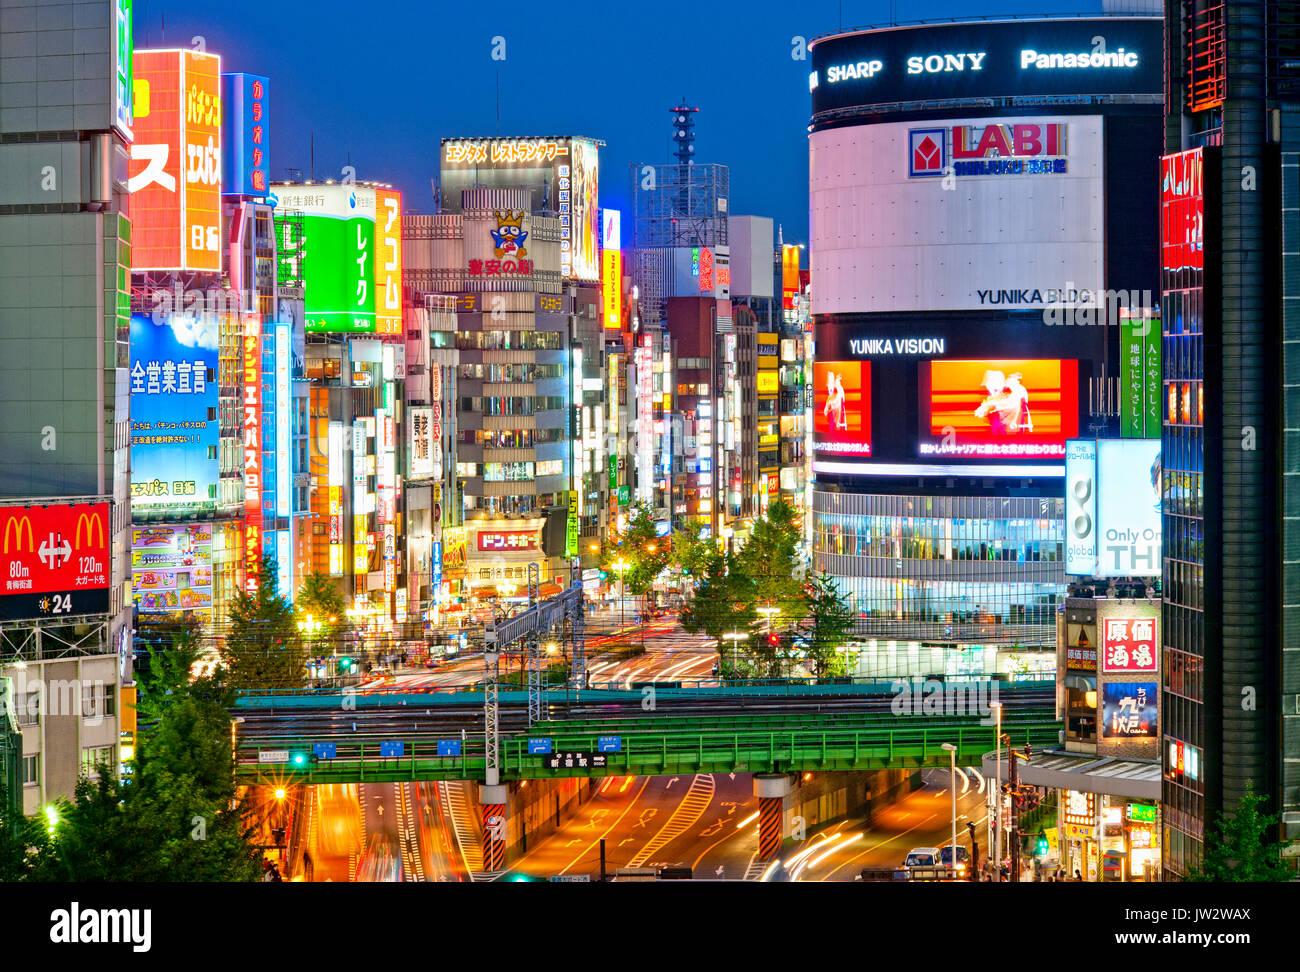 Shinjuku Tokyo Giappone Yasukuni Dori Street Kabukicho di notte. Immagini Stock